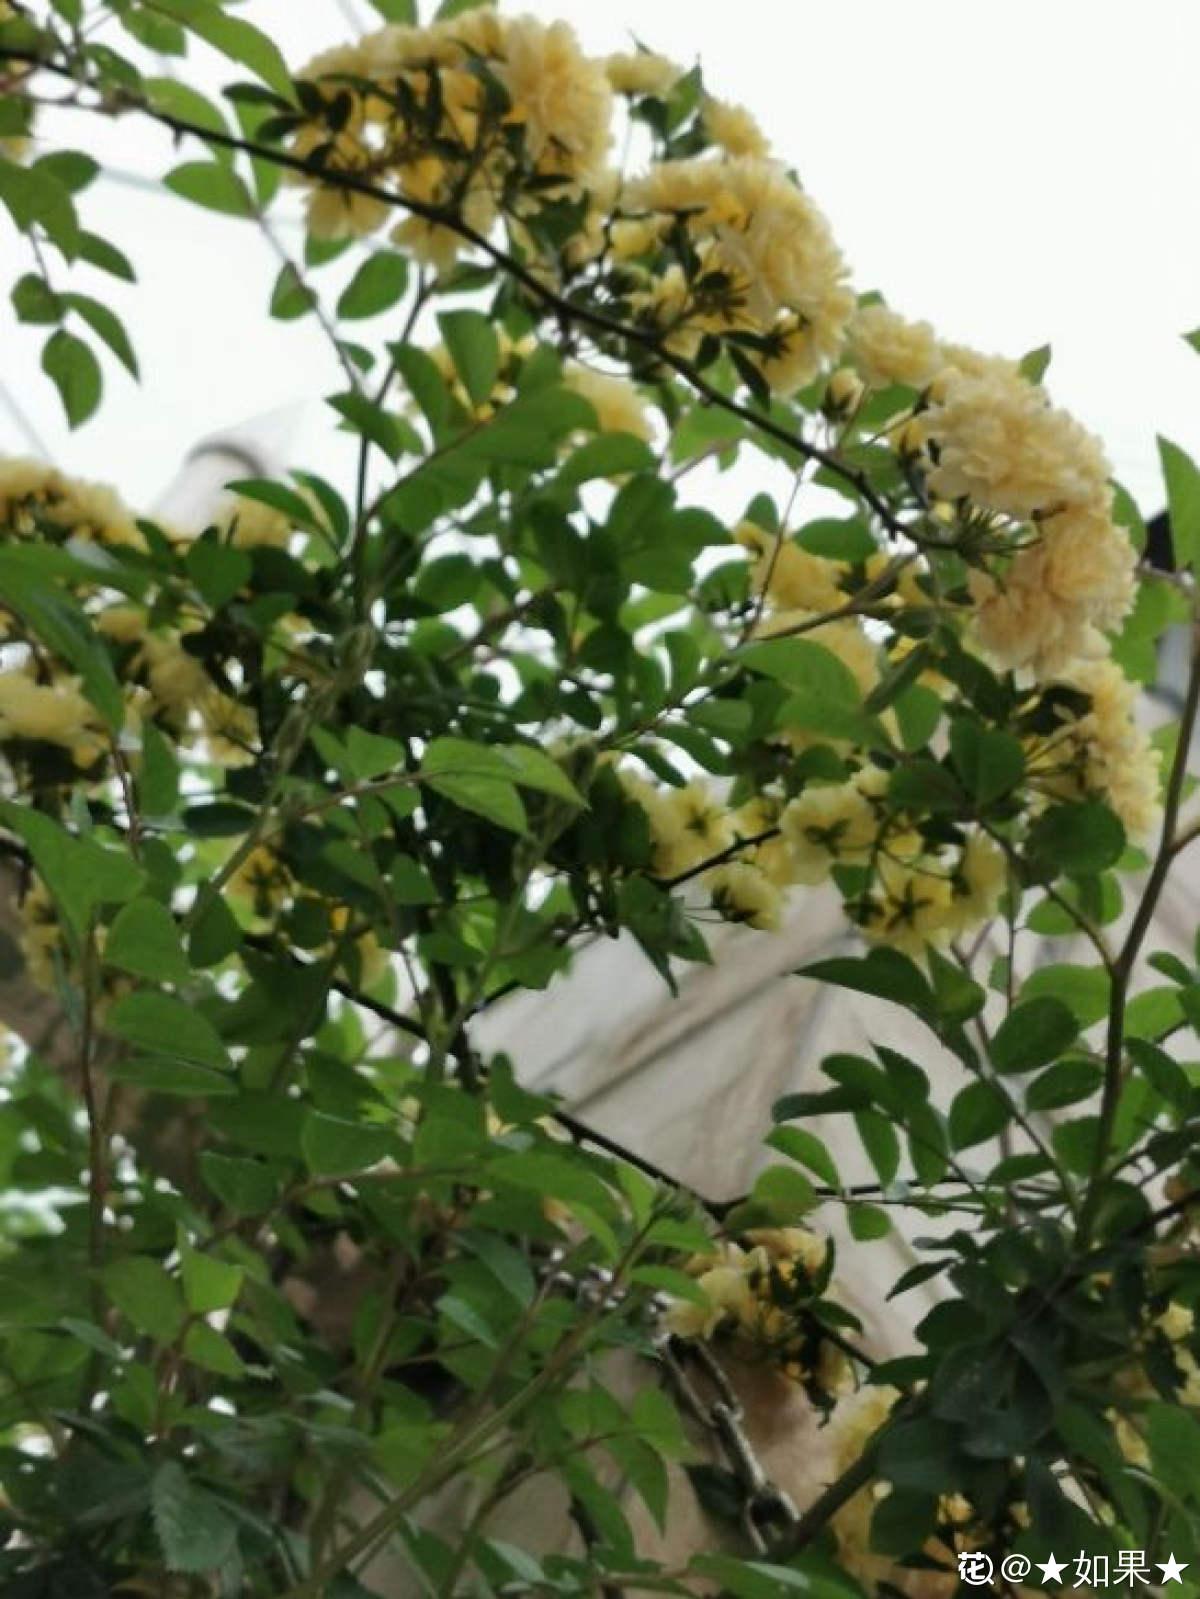 黄色木香花枝条